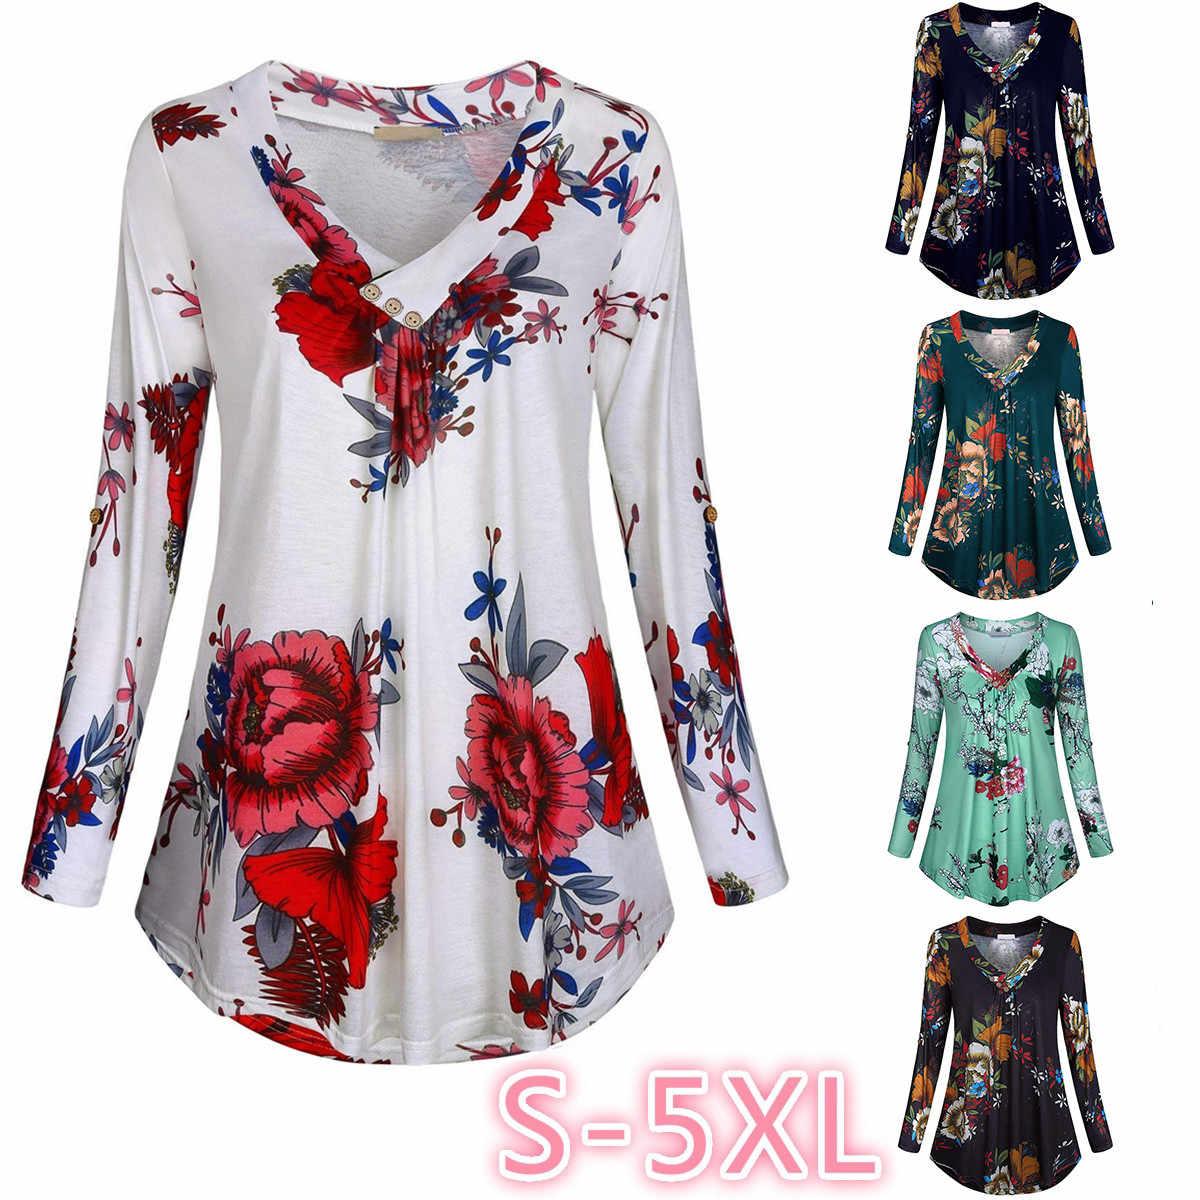 พิมพ์ดอกไม้ V คอเสื้อและเสื้อที่มีปุ่มขนาดใหญ่เสื้อผ้าผู้หญิง 5XL PLUS ขนาดผู้หญิงเสื้อ 2019 ฤดูใบไม้ร่วง